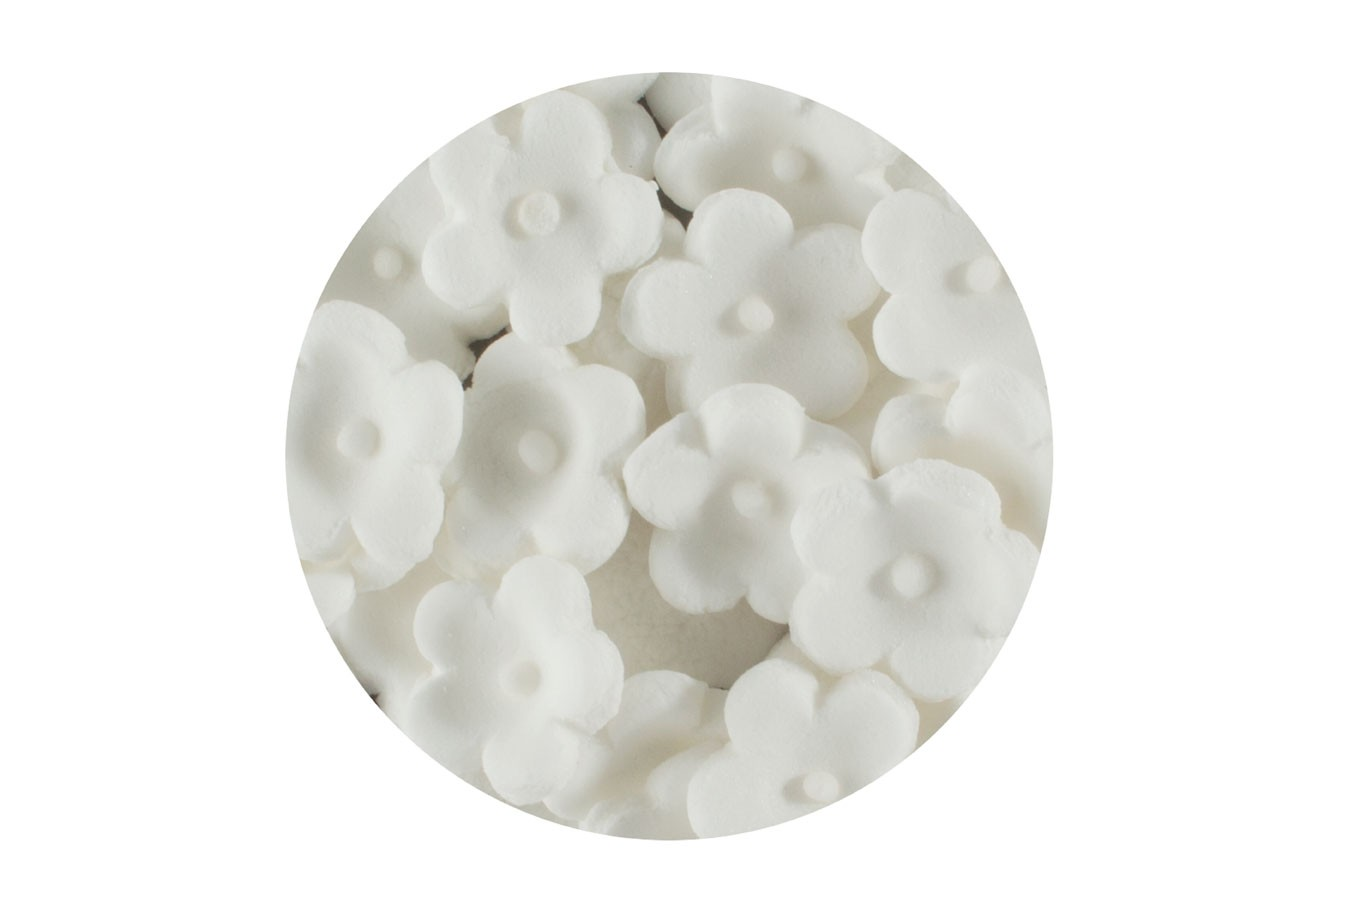 Décoration en sucre – Petites Fleurs Blanc